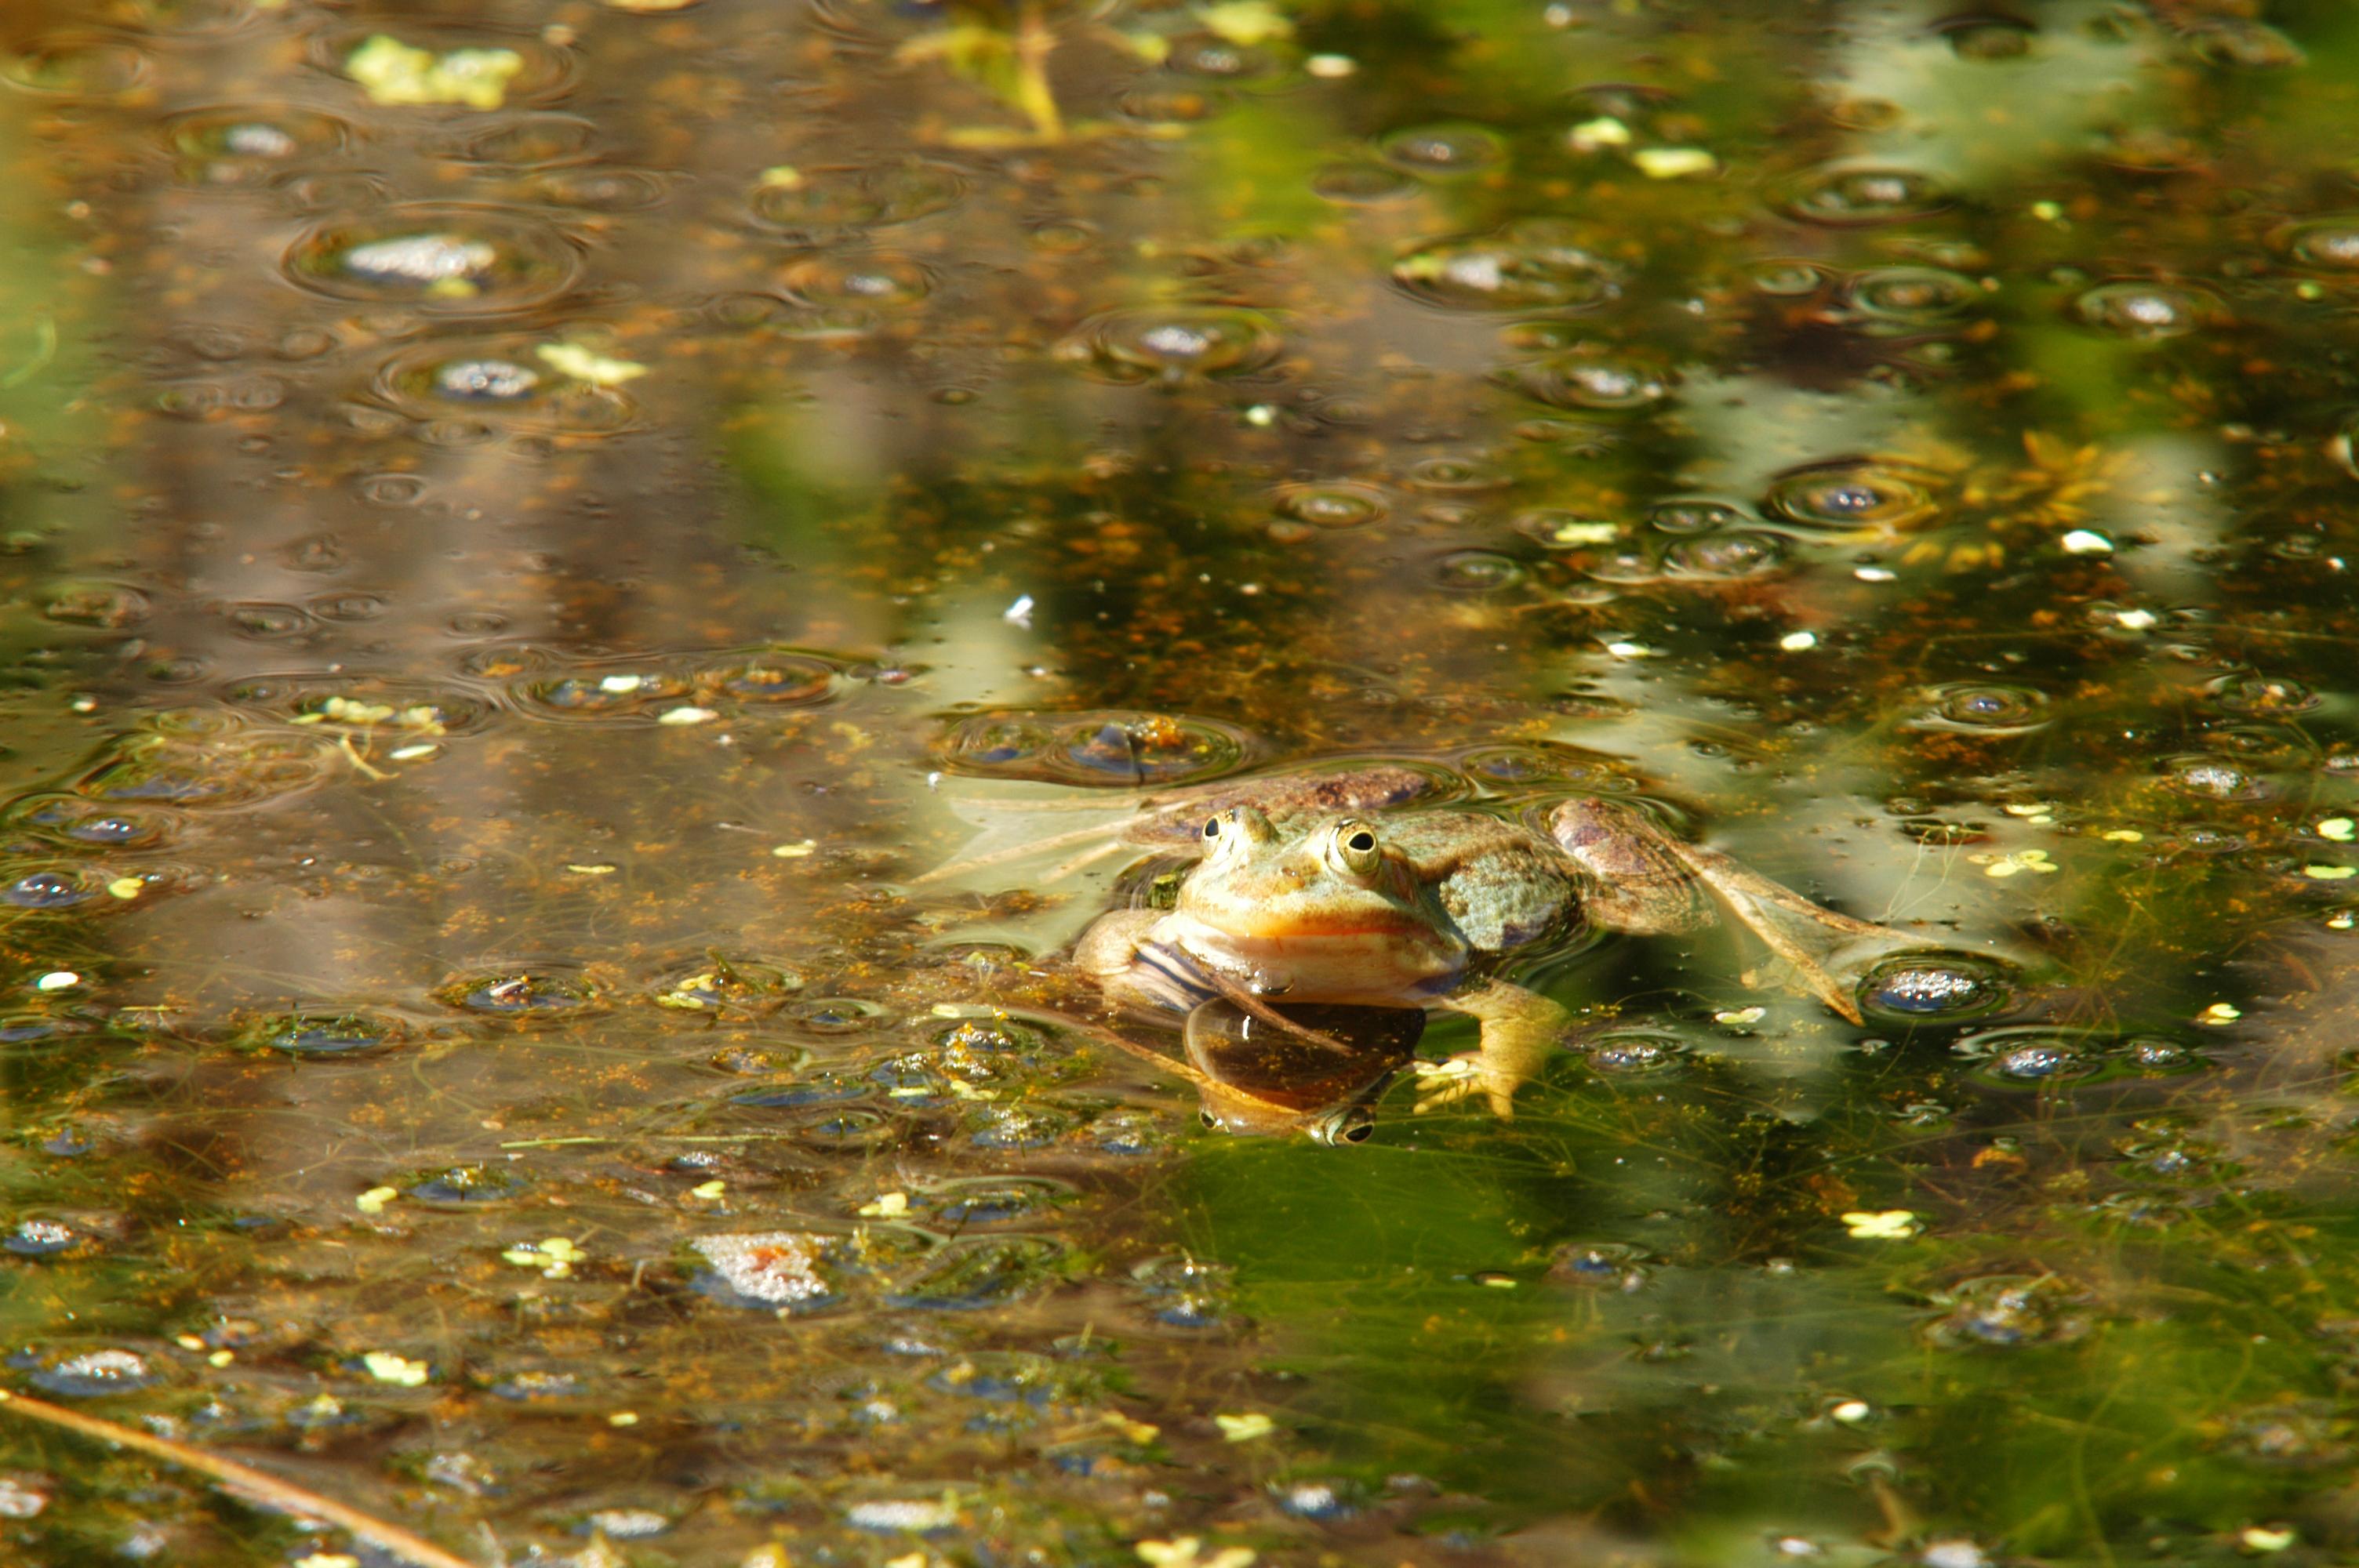 waldsee_frosch-thomasgretler